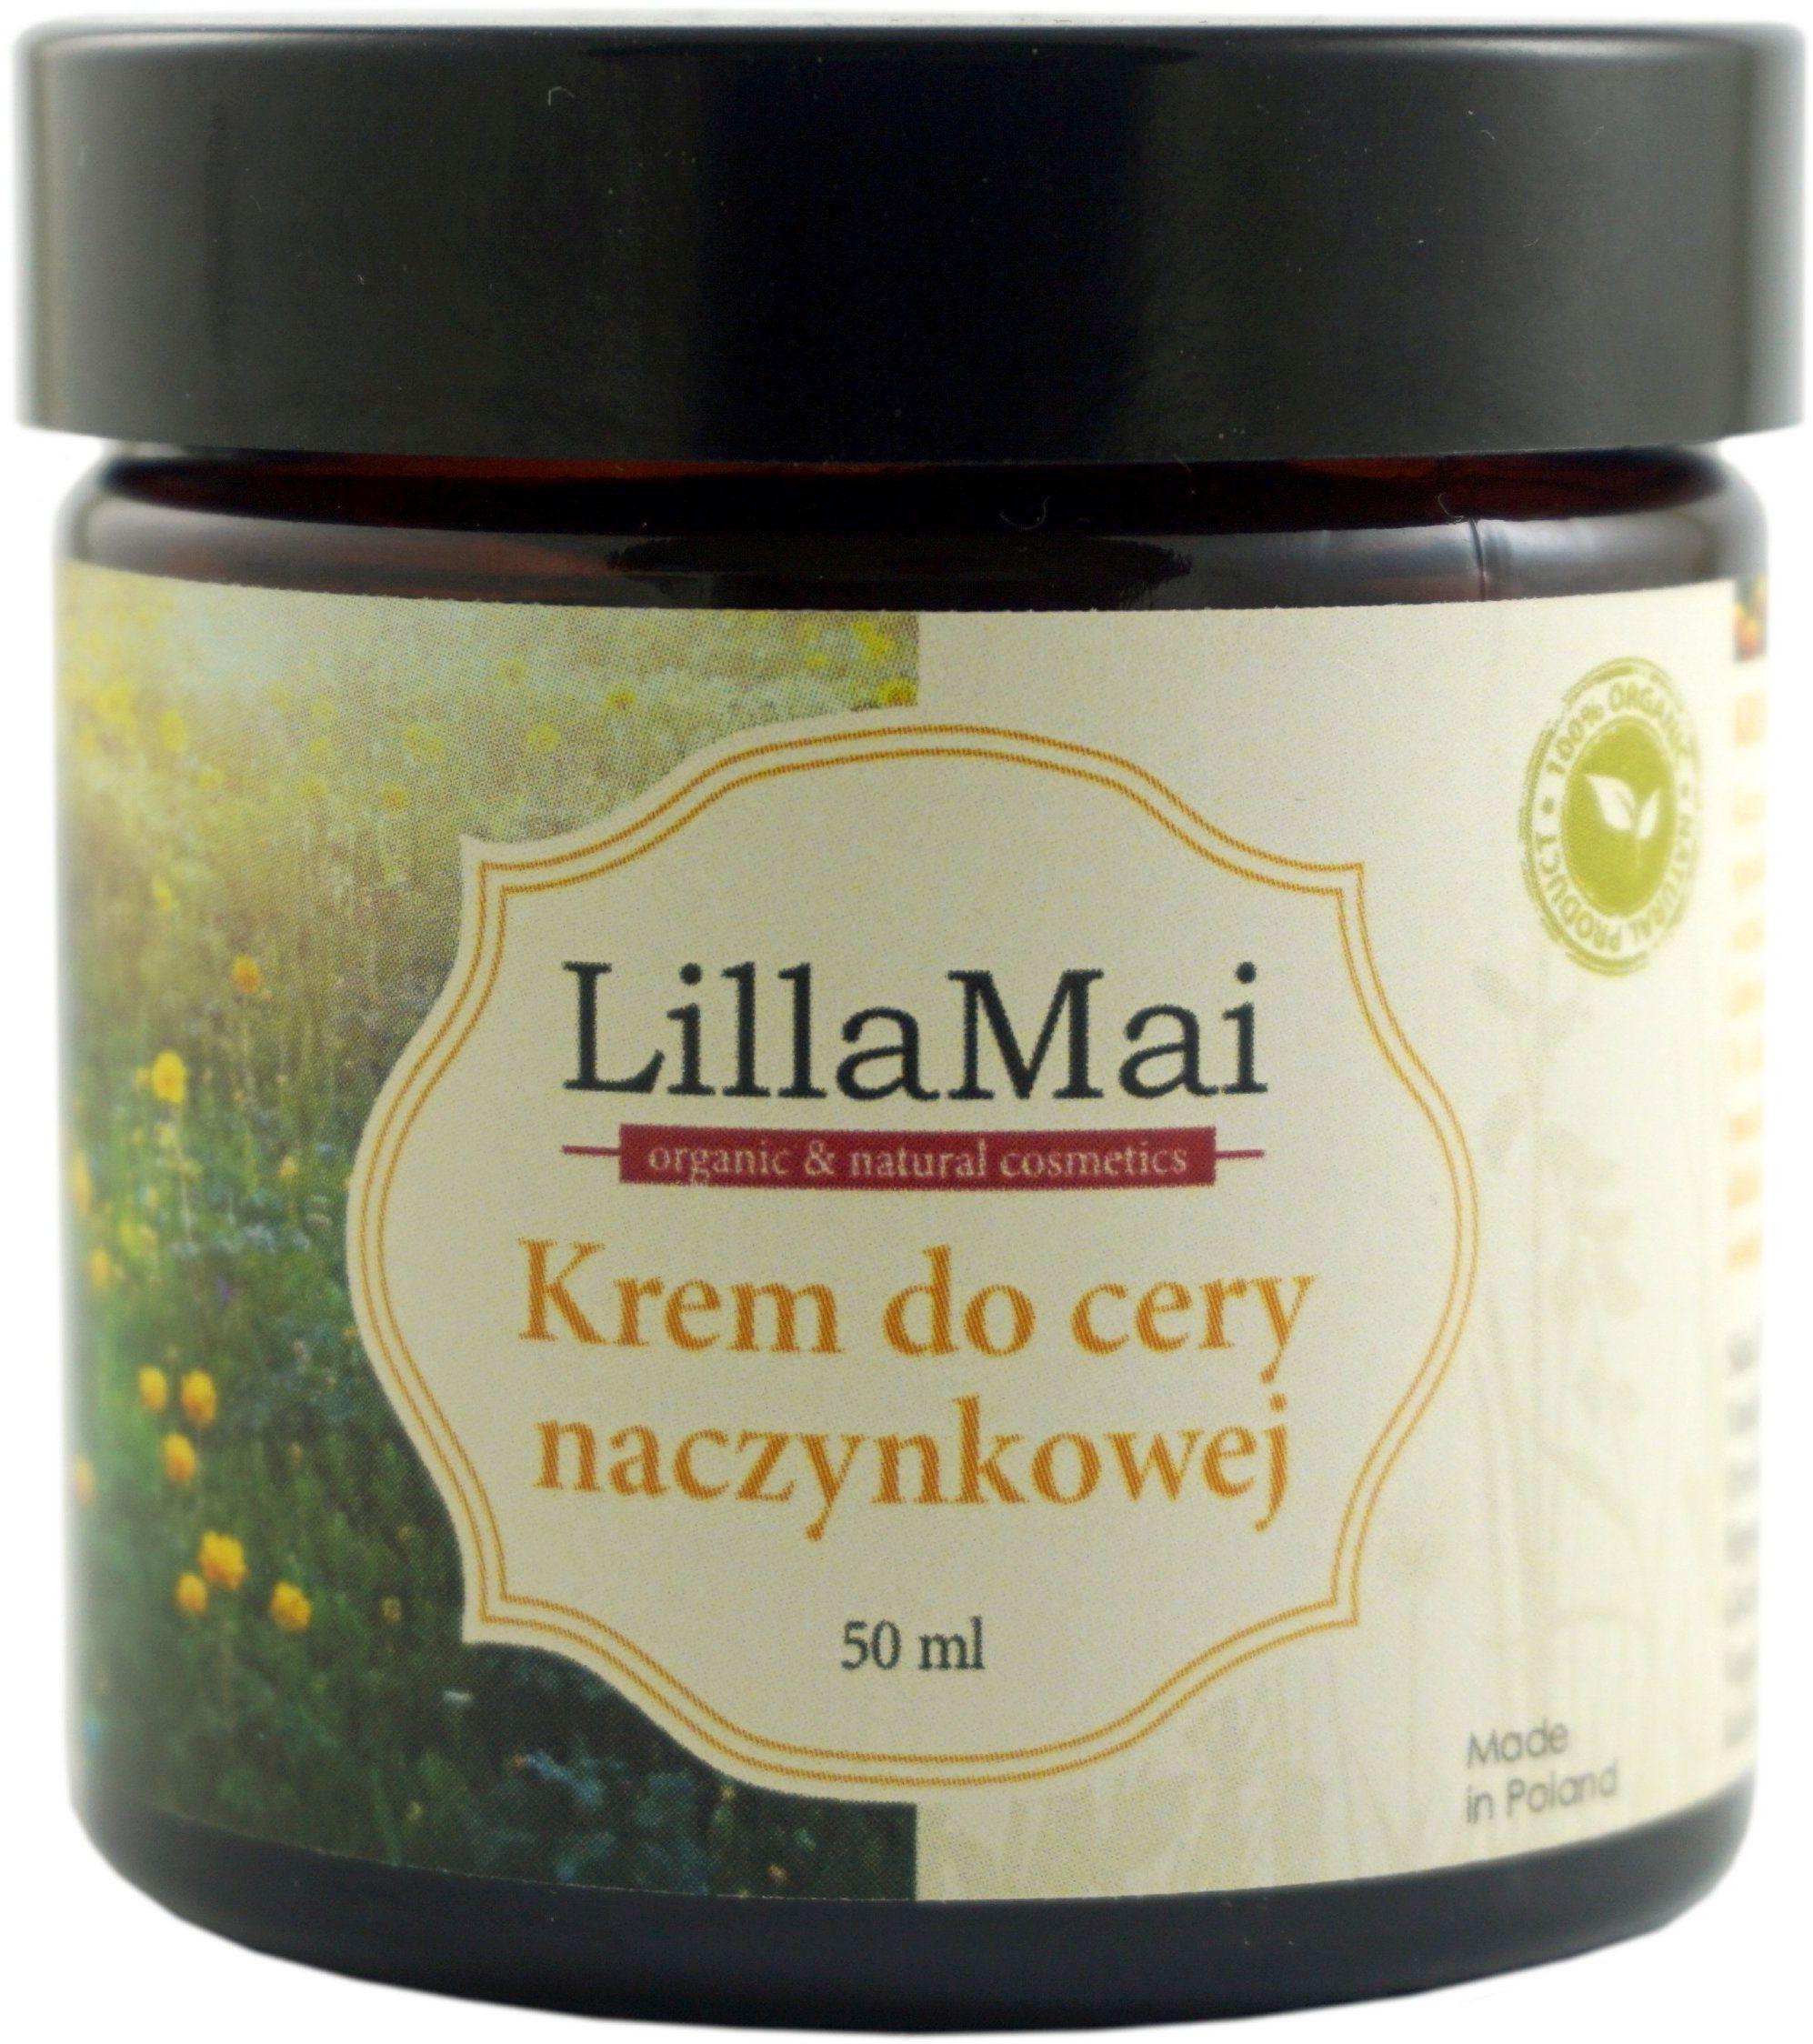 Krem do cery naczynkowej - 50 ml - LillaMai